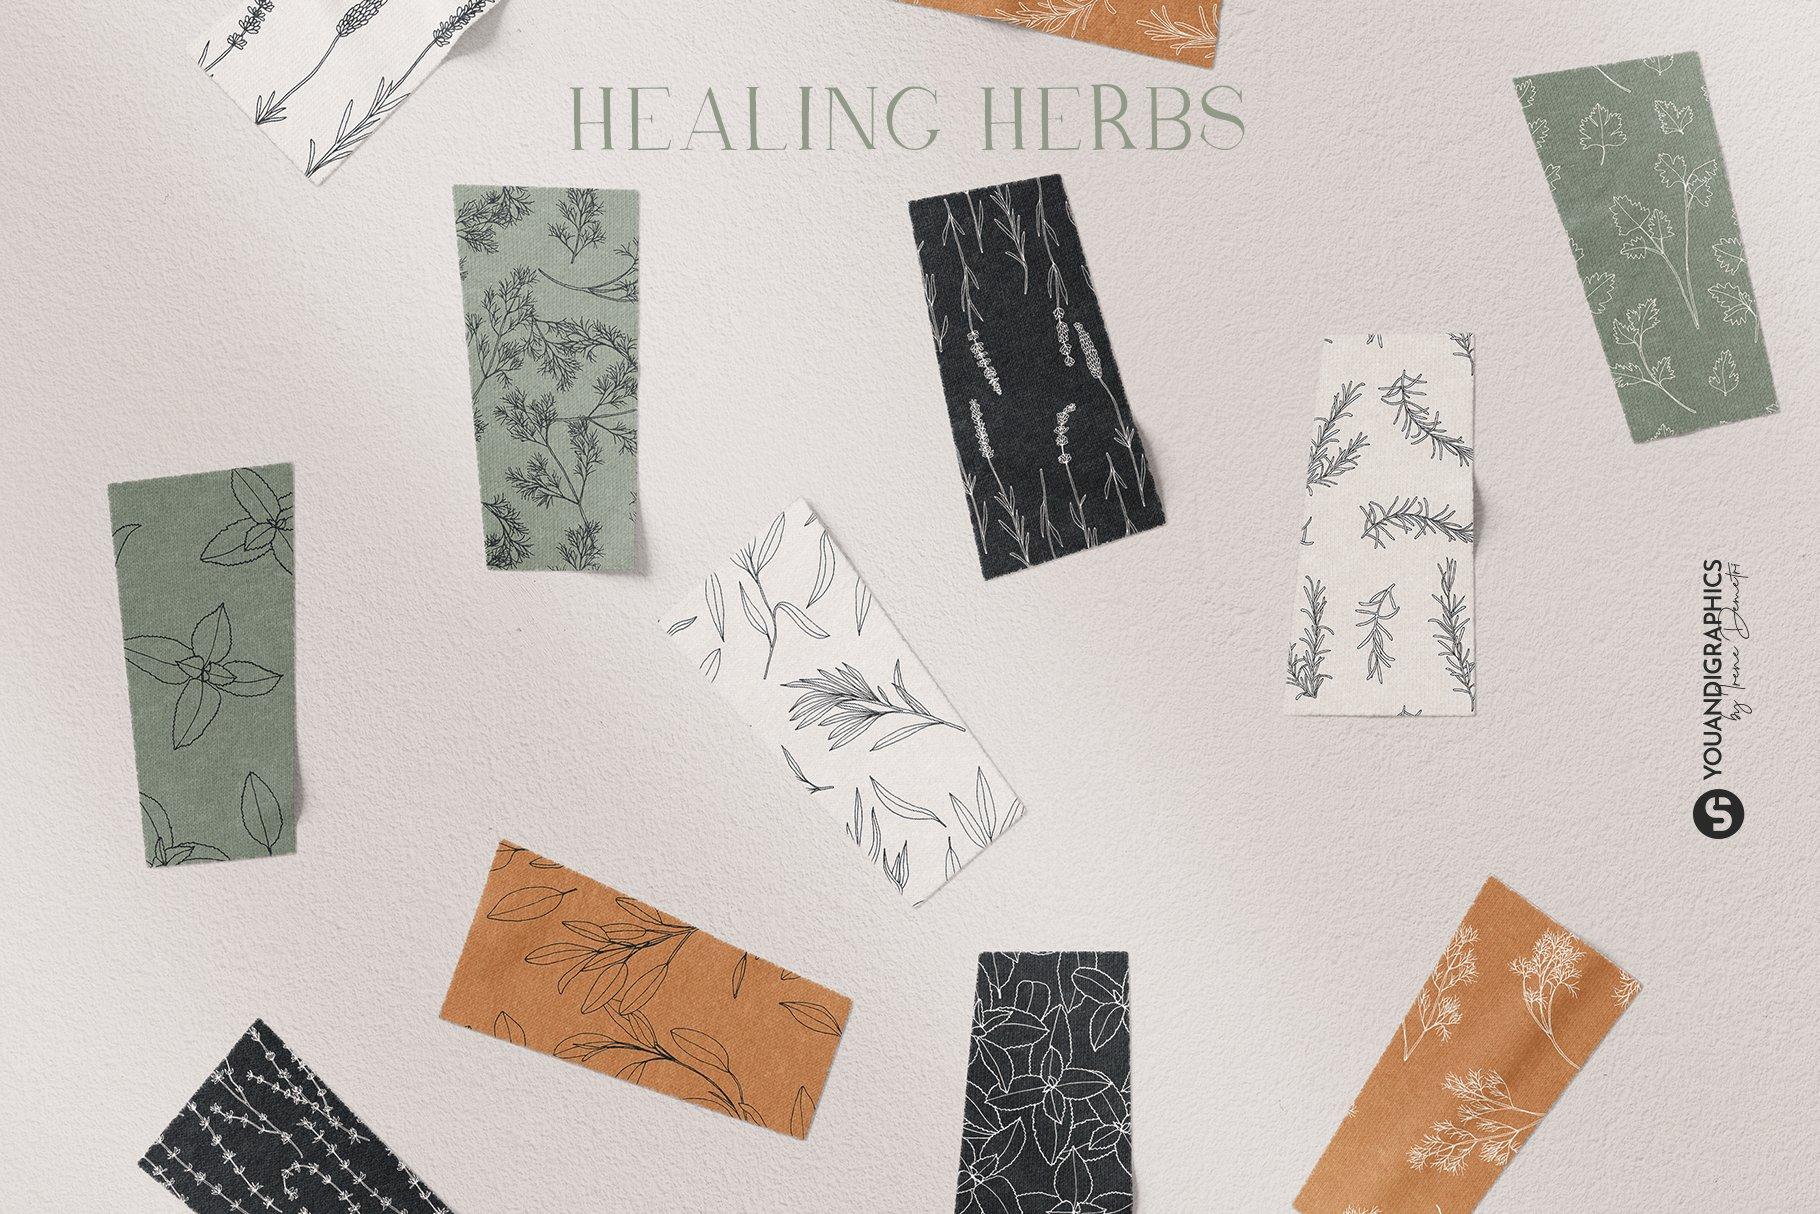 优雅中药草药花草手绘无缝隙矢量图案设计素材 Herbs Patterns & Illustrations插图2